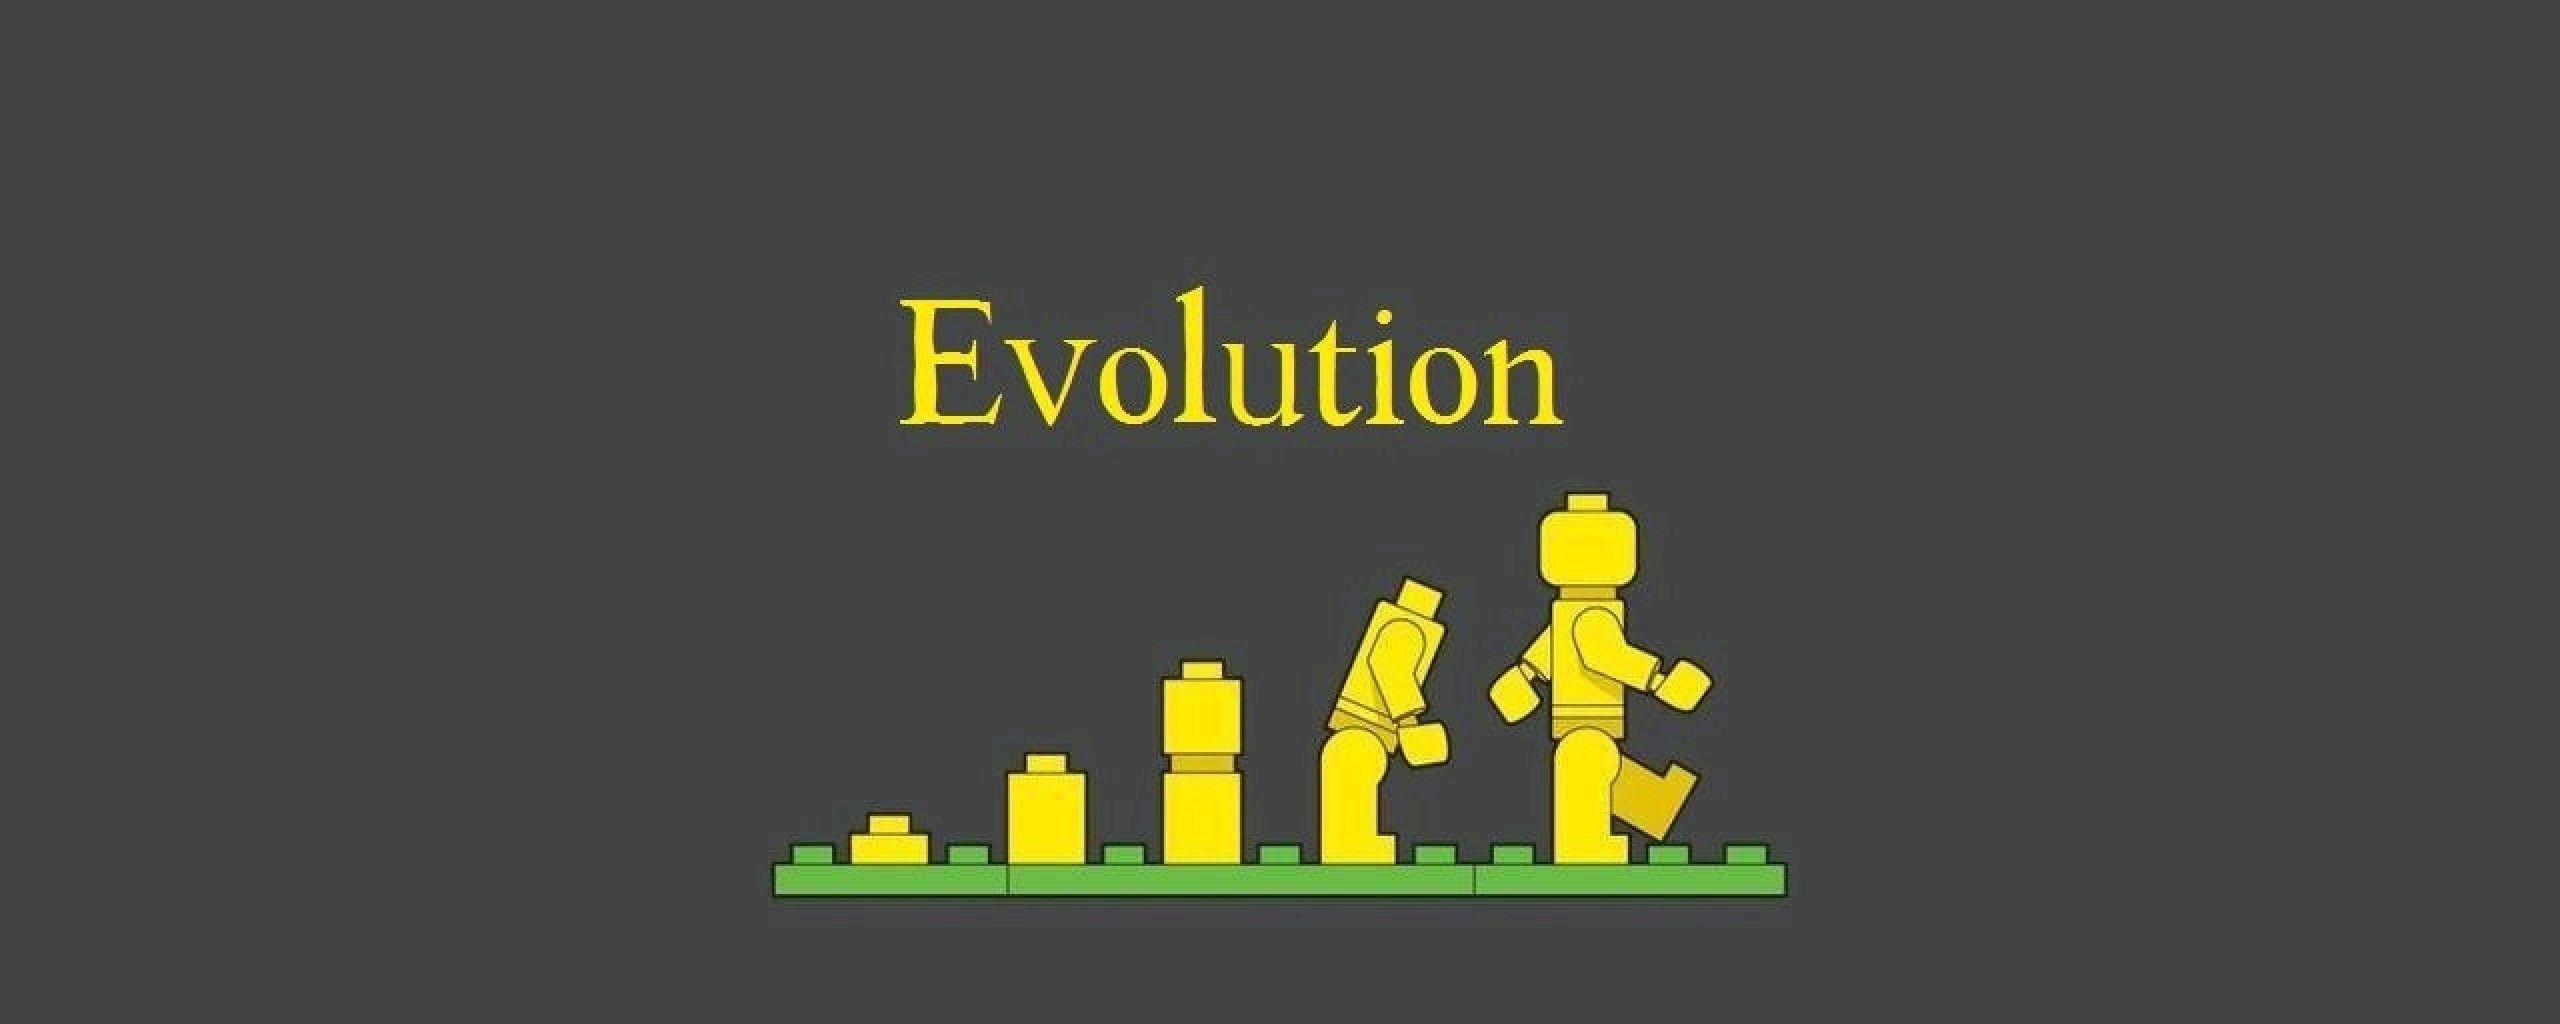 2560x1024 Wallpaper lego, evolution, development